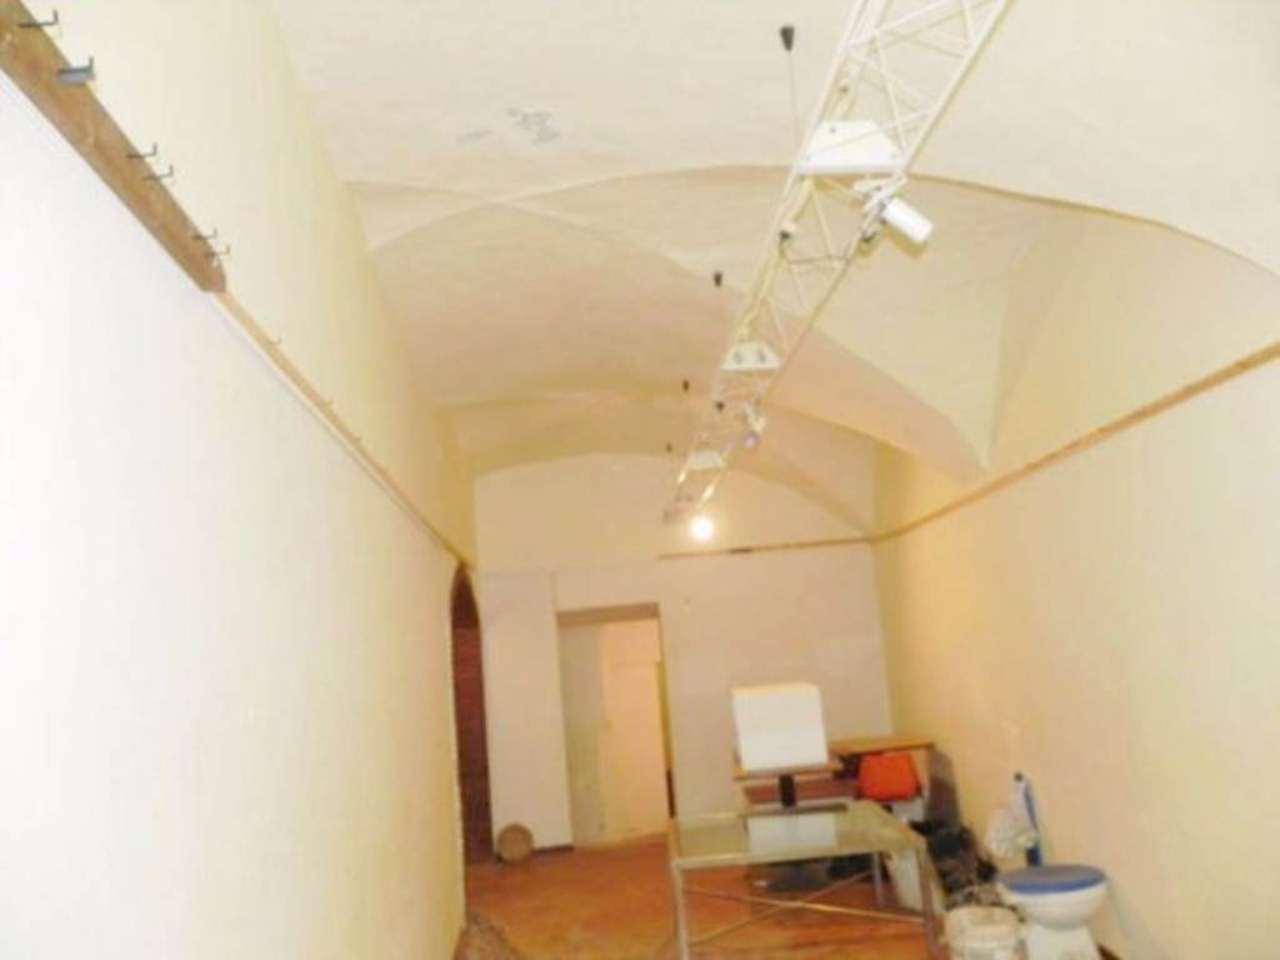 Negozio / Locale in affitto a Prato, 3 locali, prezzo € 700 | Cambio Casa.it